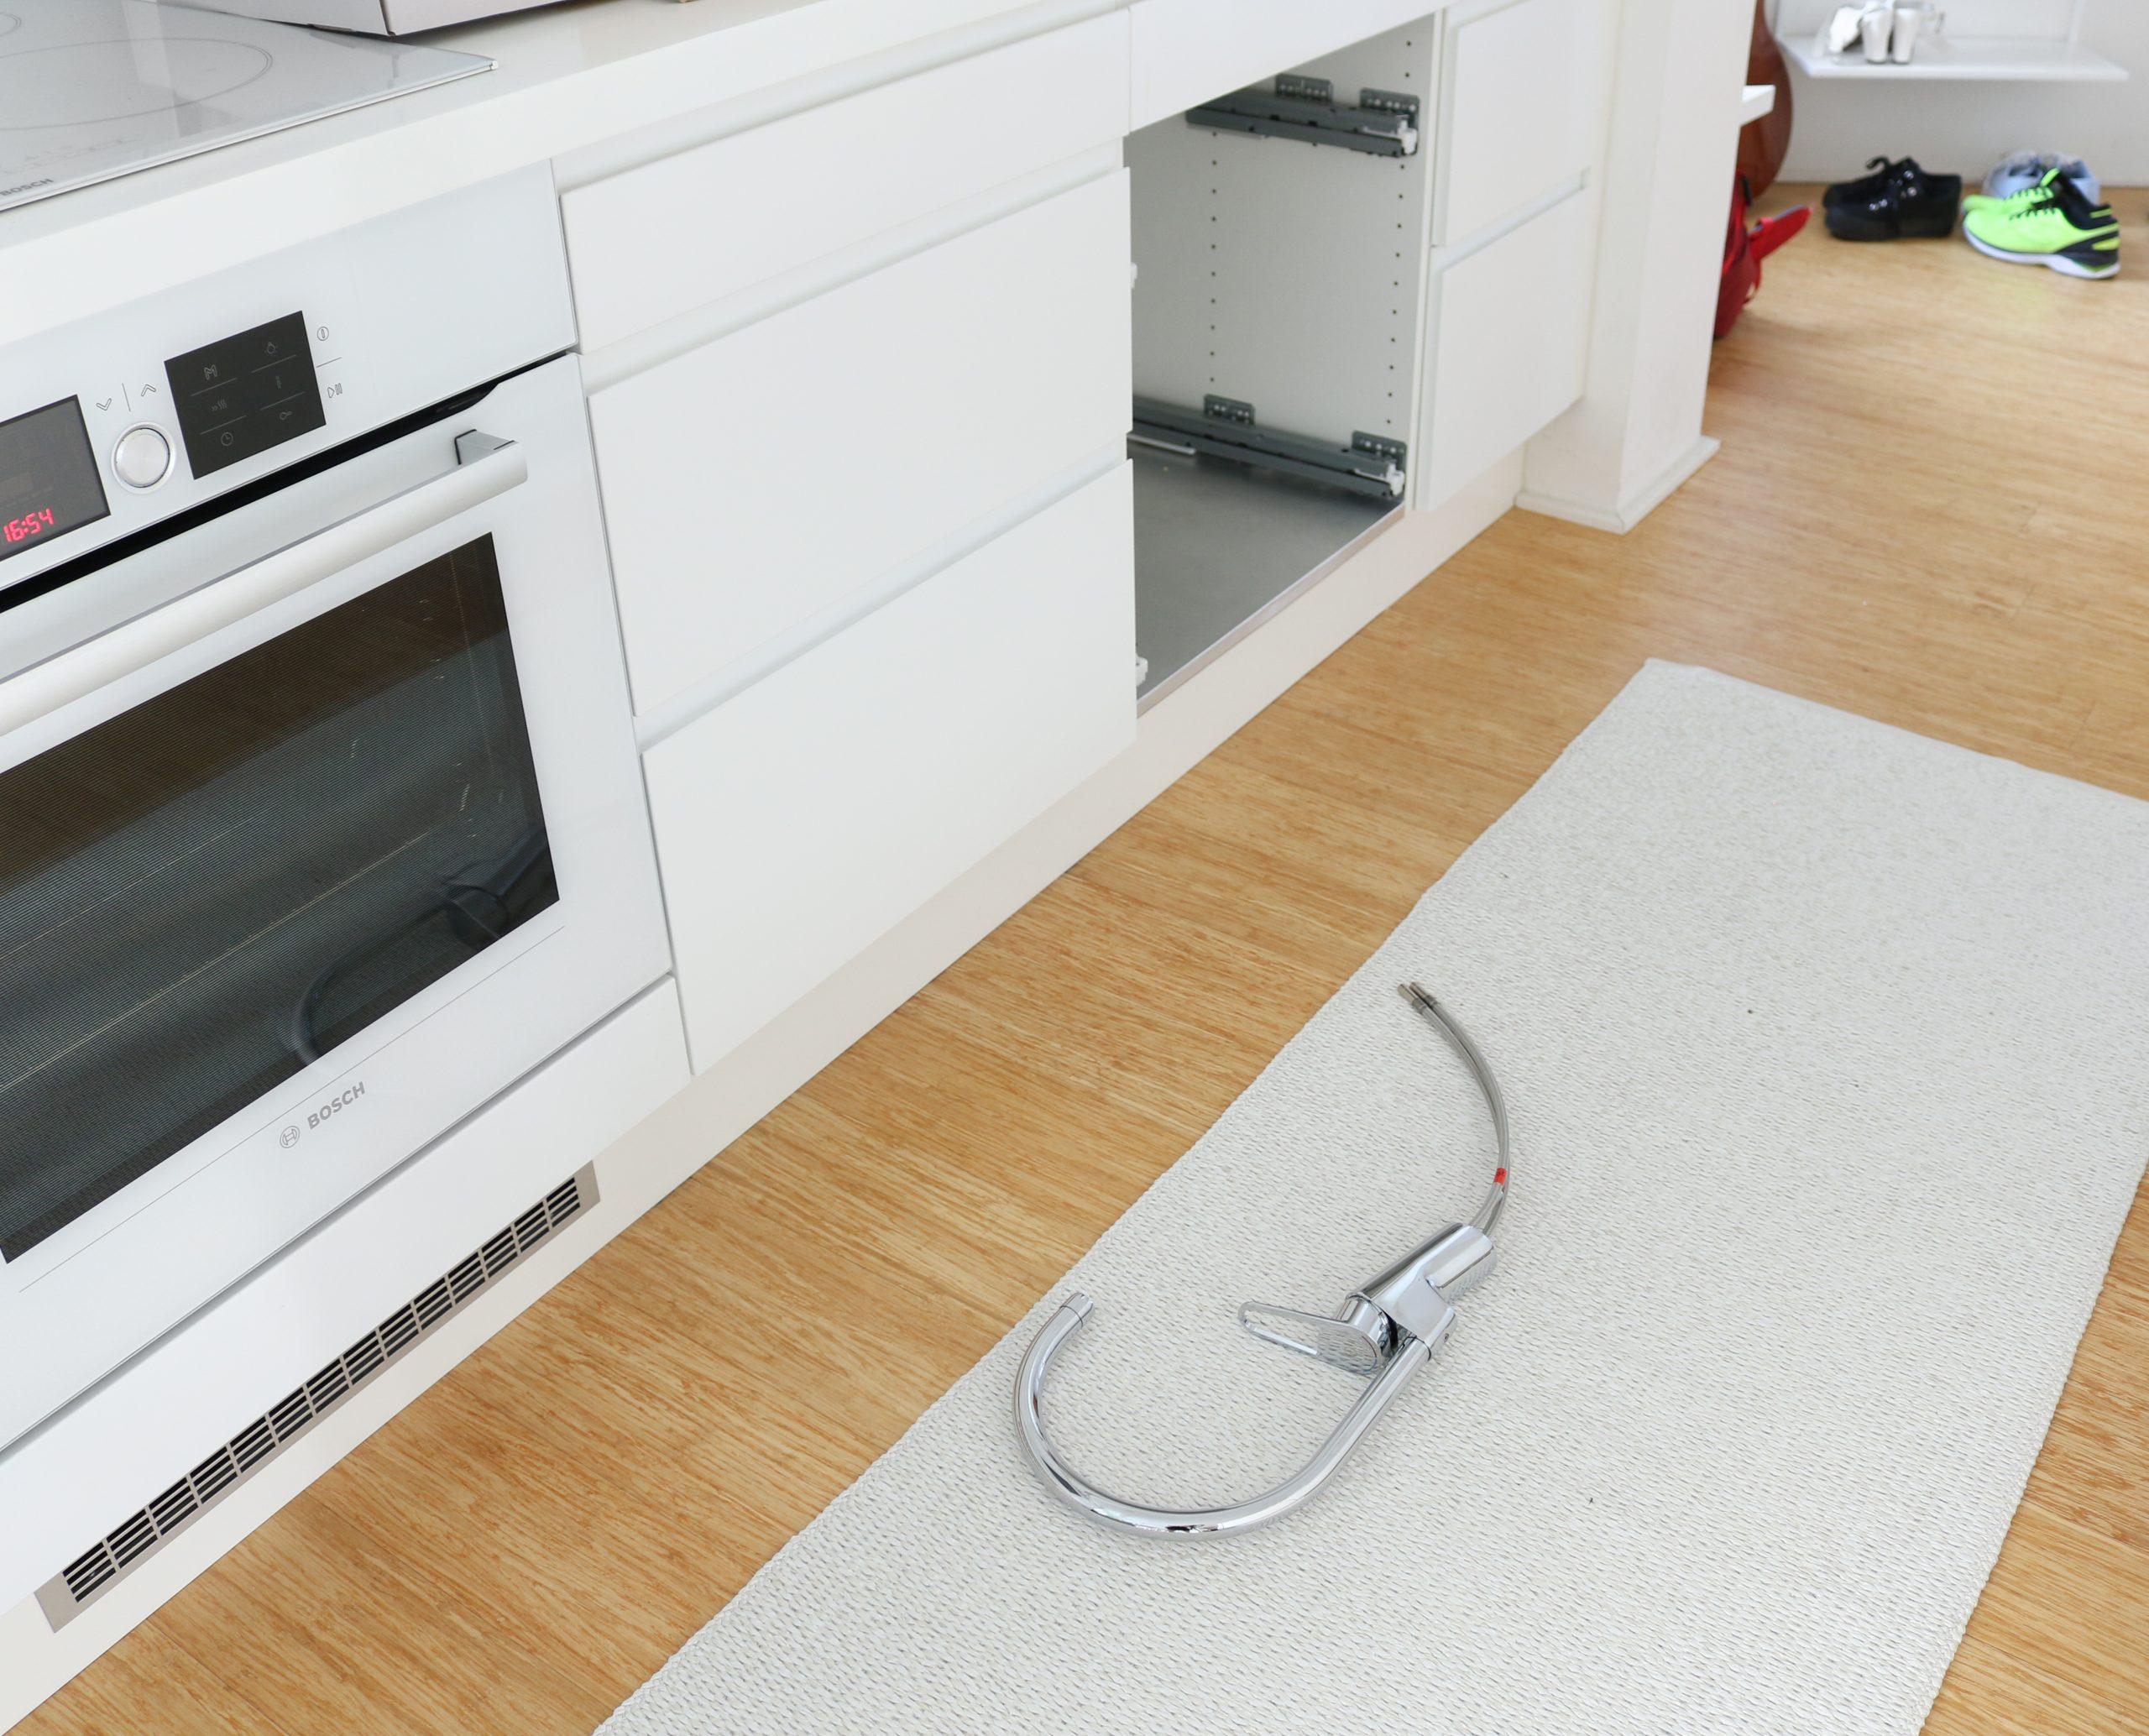 Gustavsberg Nautic keittiöhanan asennus on helppoa pika-asennusmutterin ansiosta - Keittiöremontti Omakotivalkoinen